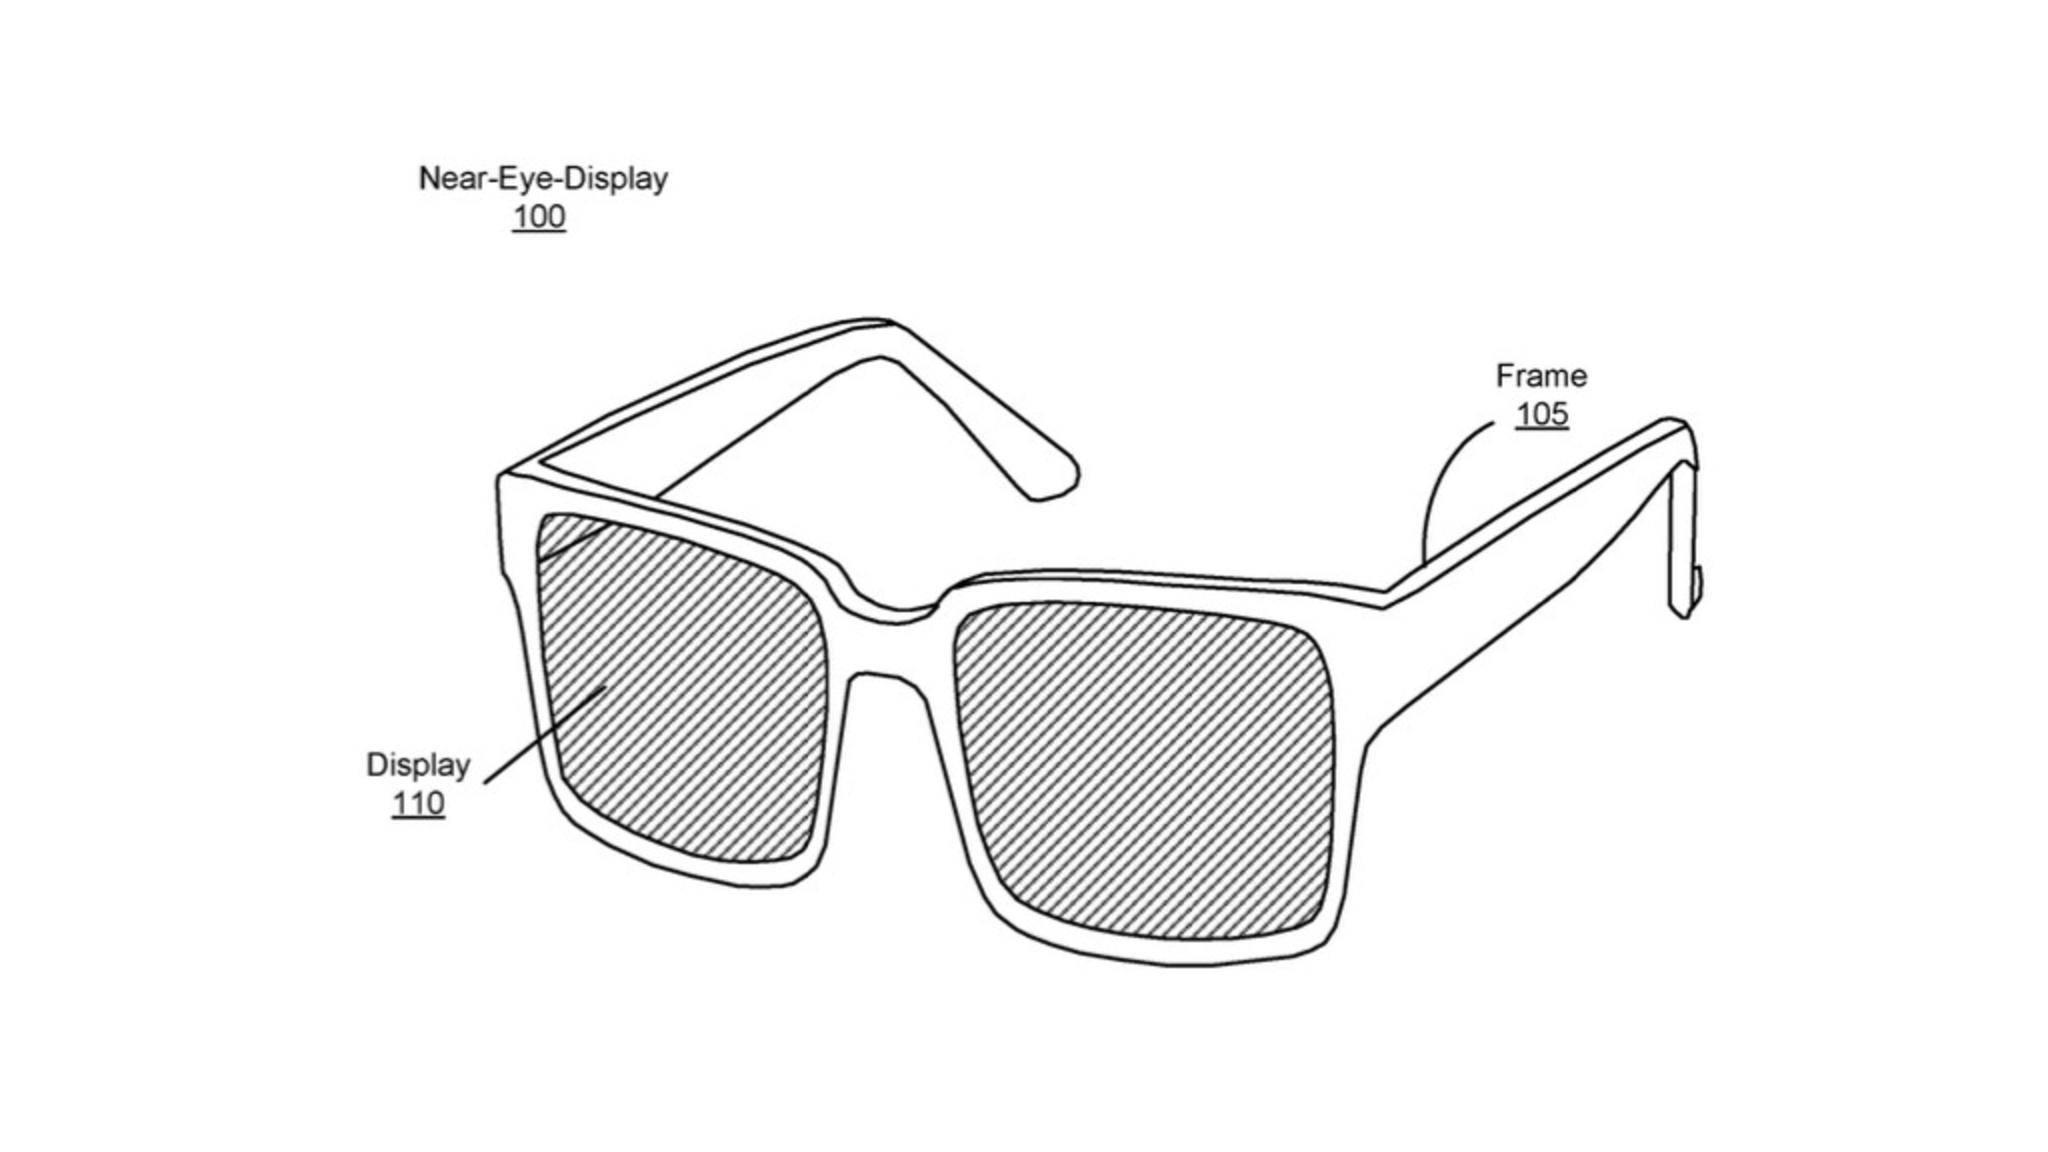 Das geplante AR-Headset von Facebook ähnelt einer Sonnenbrille.